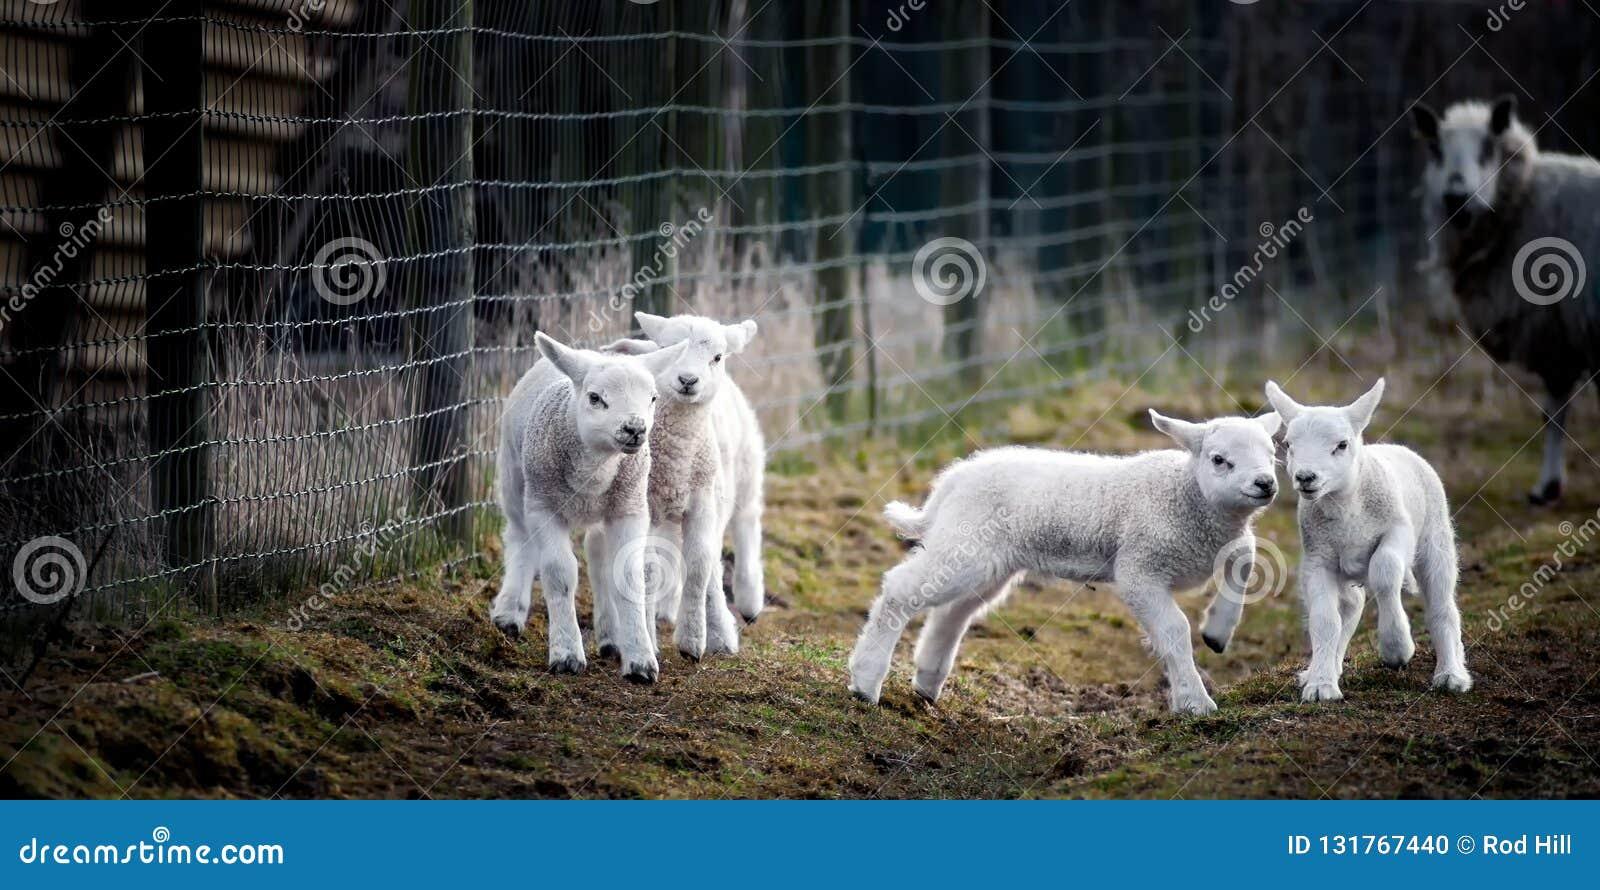 拍摄在星期五2013年3月29日 享有生活和使用在领域的一些幼小羊羔,当一个父母时